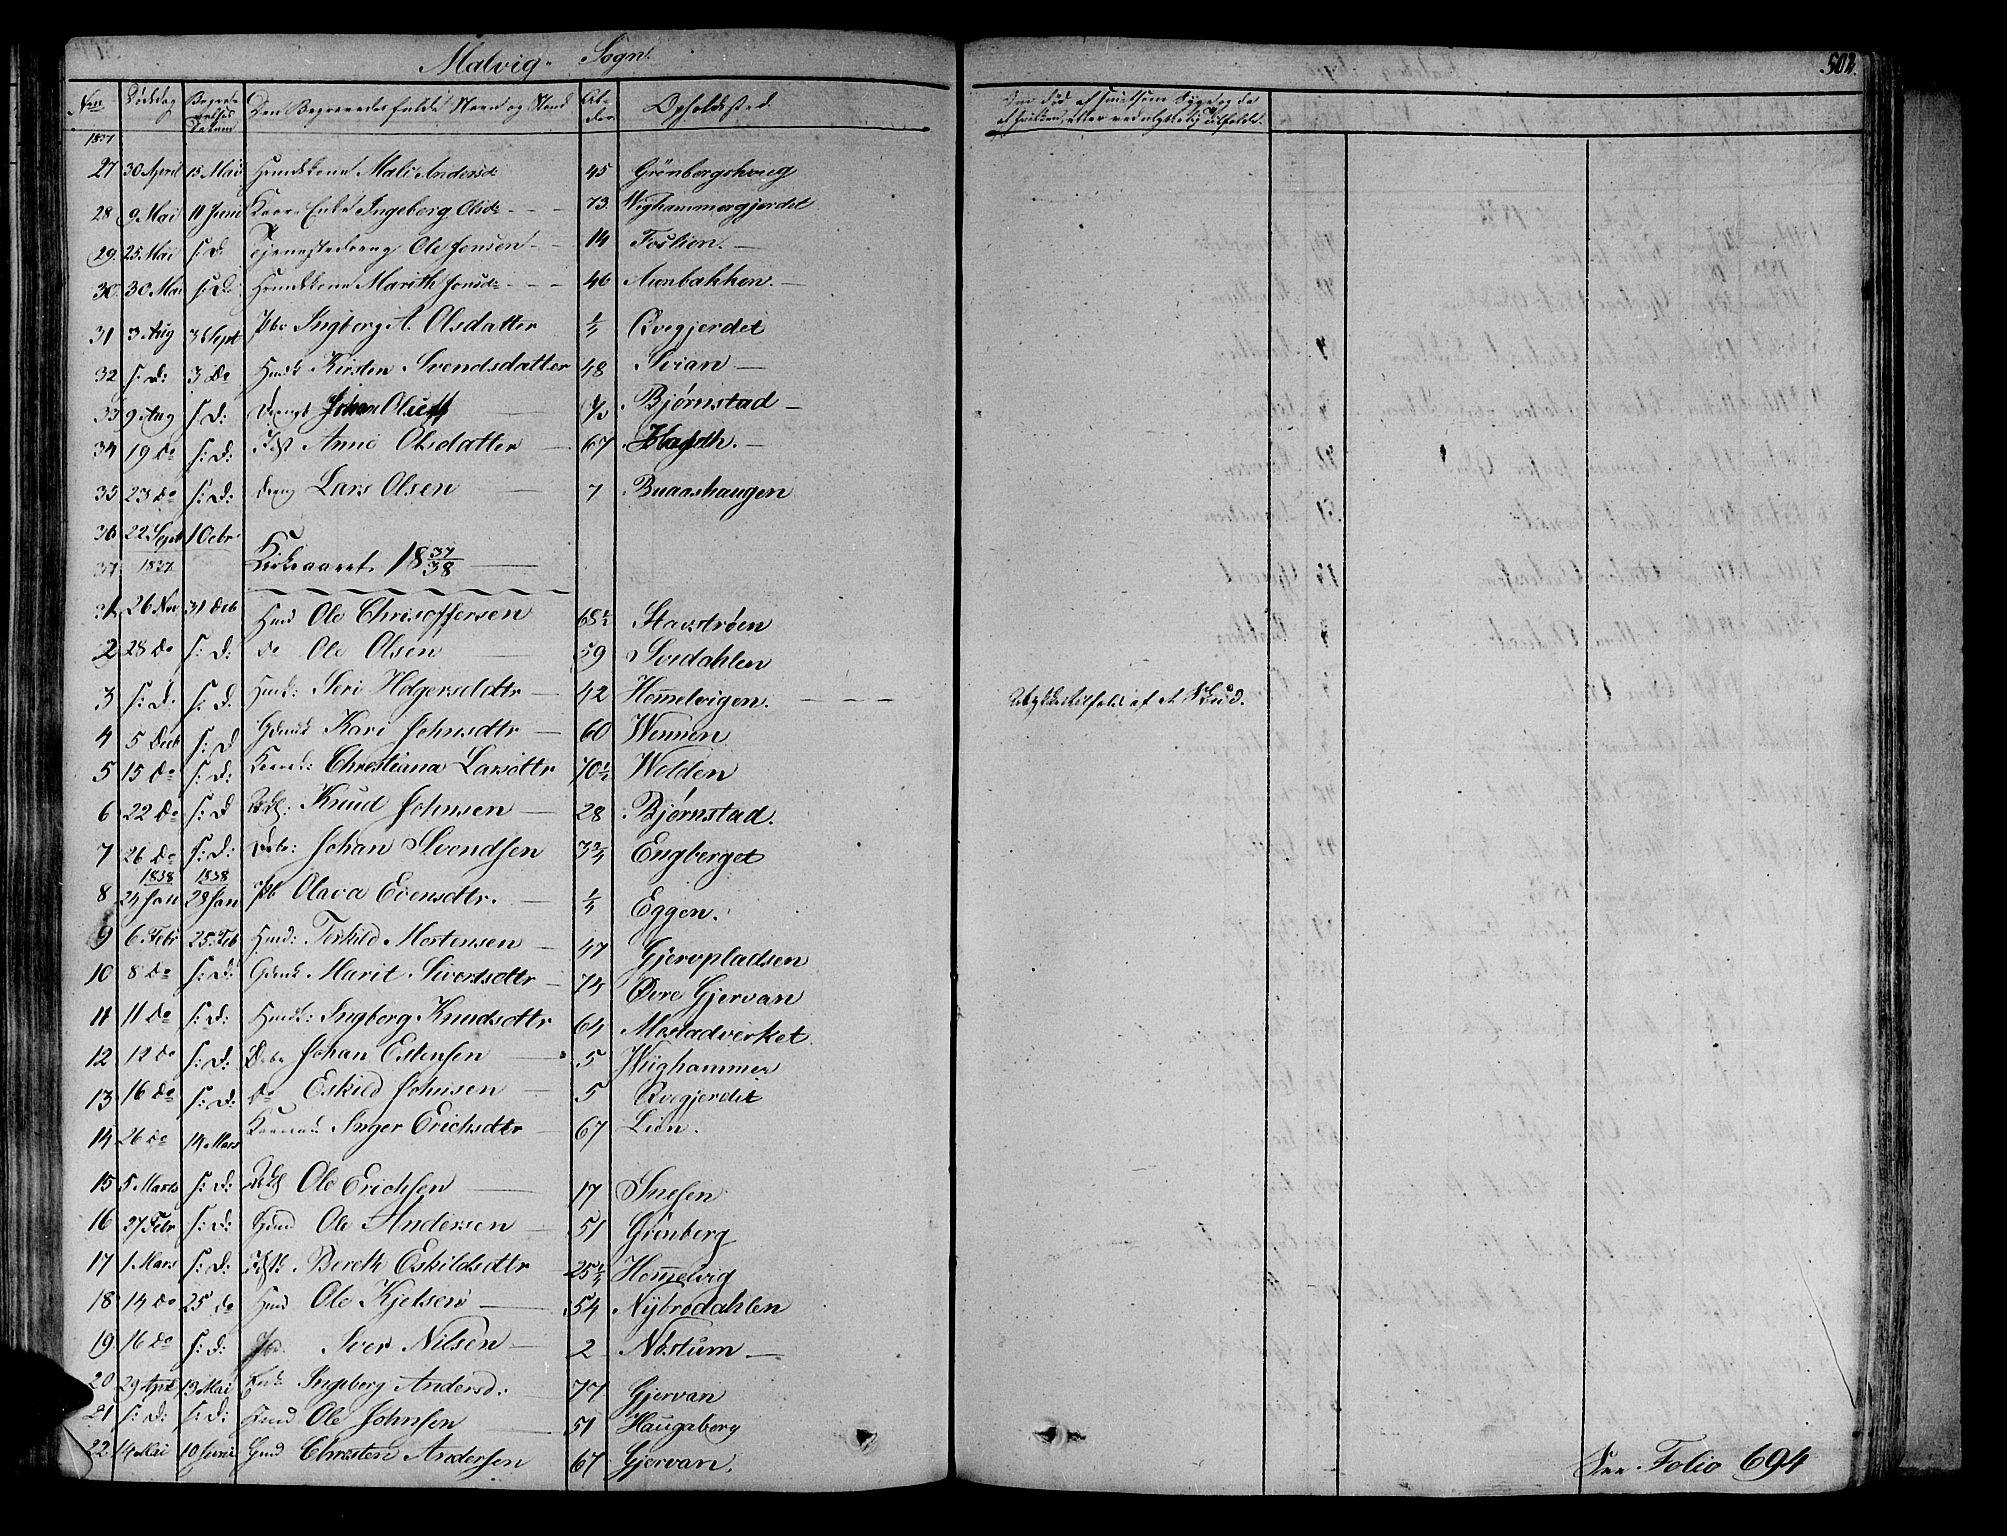 SAT, Ministerialprotokoller, klokkerbøker og fødselsregistre - Sør-Trøndelag, 606/L0288: Ministerialbok nr. 606A04 /3, 1826-1840, s. 502